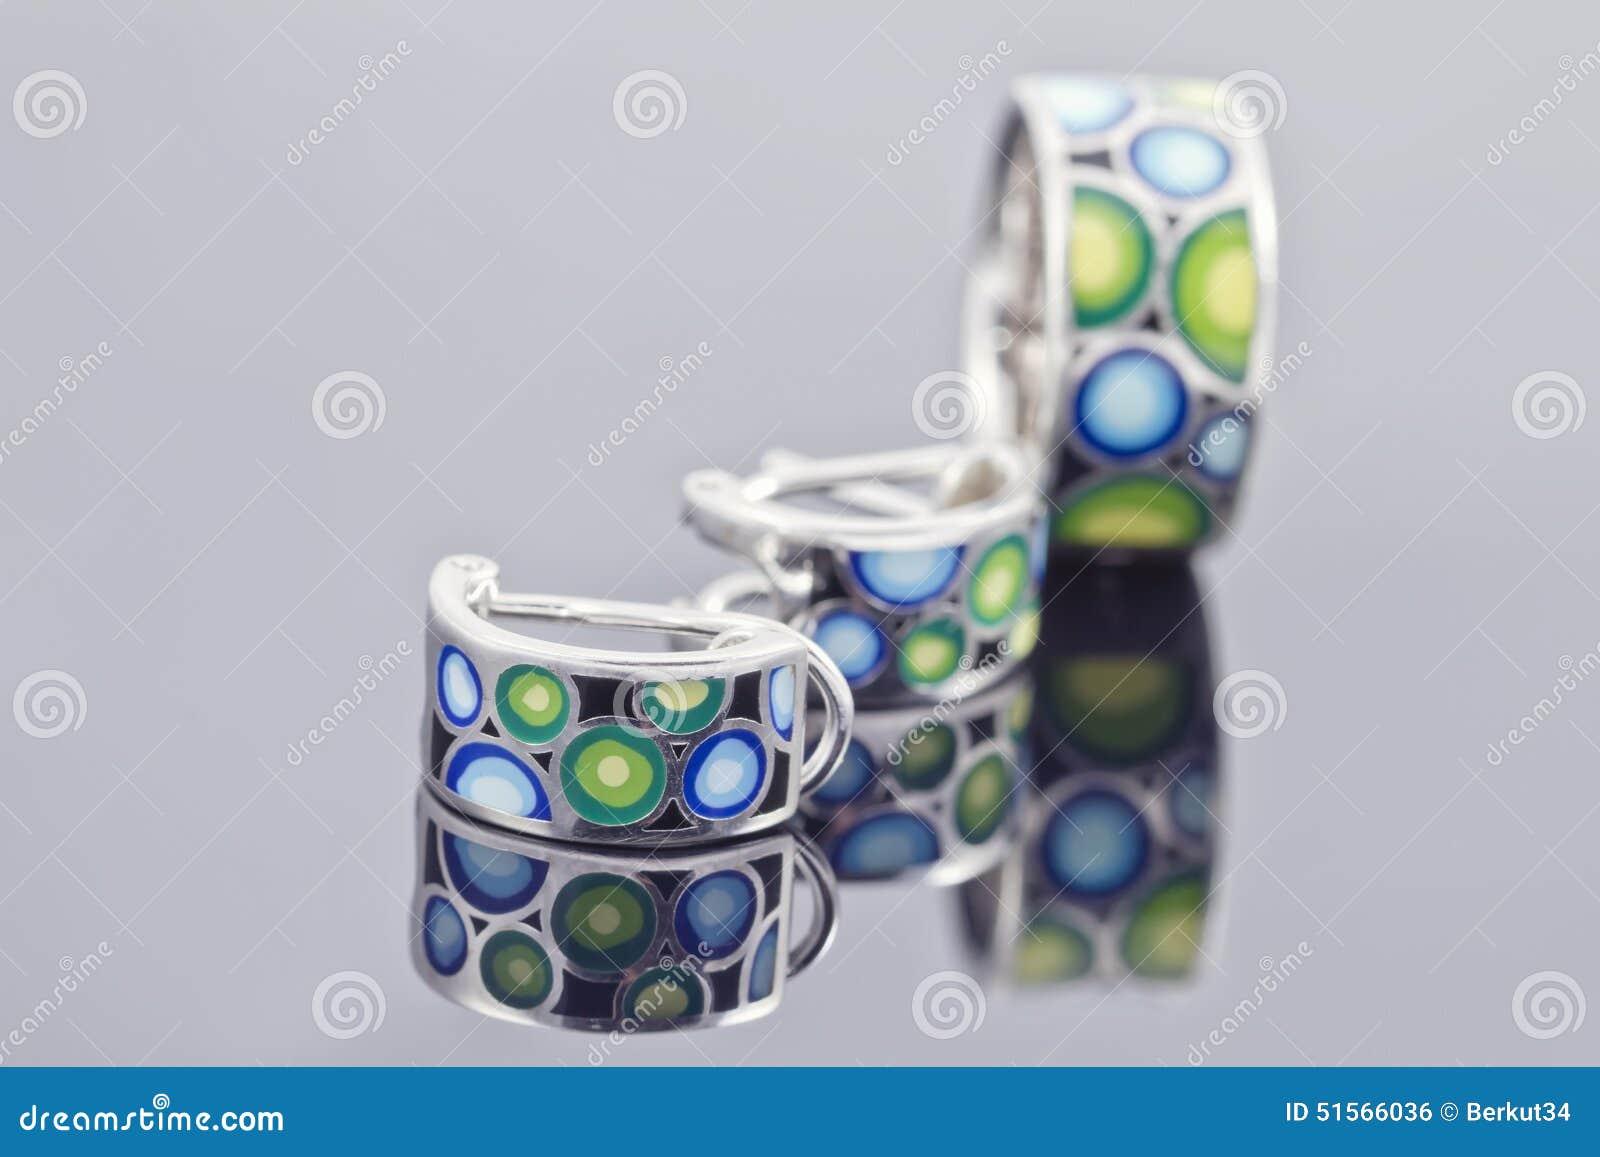 en soldes 32765 36631 Beaux bijoux colorés photo stock. Image du pendant, cadeau ...